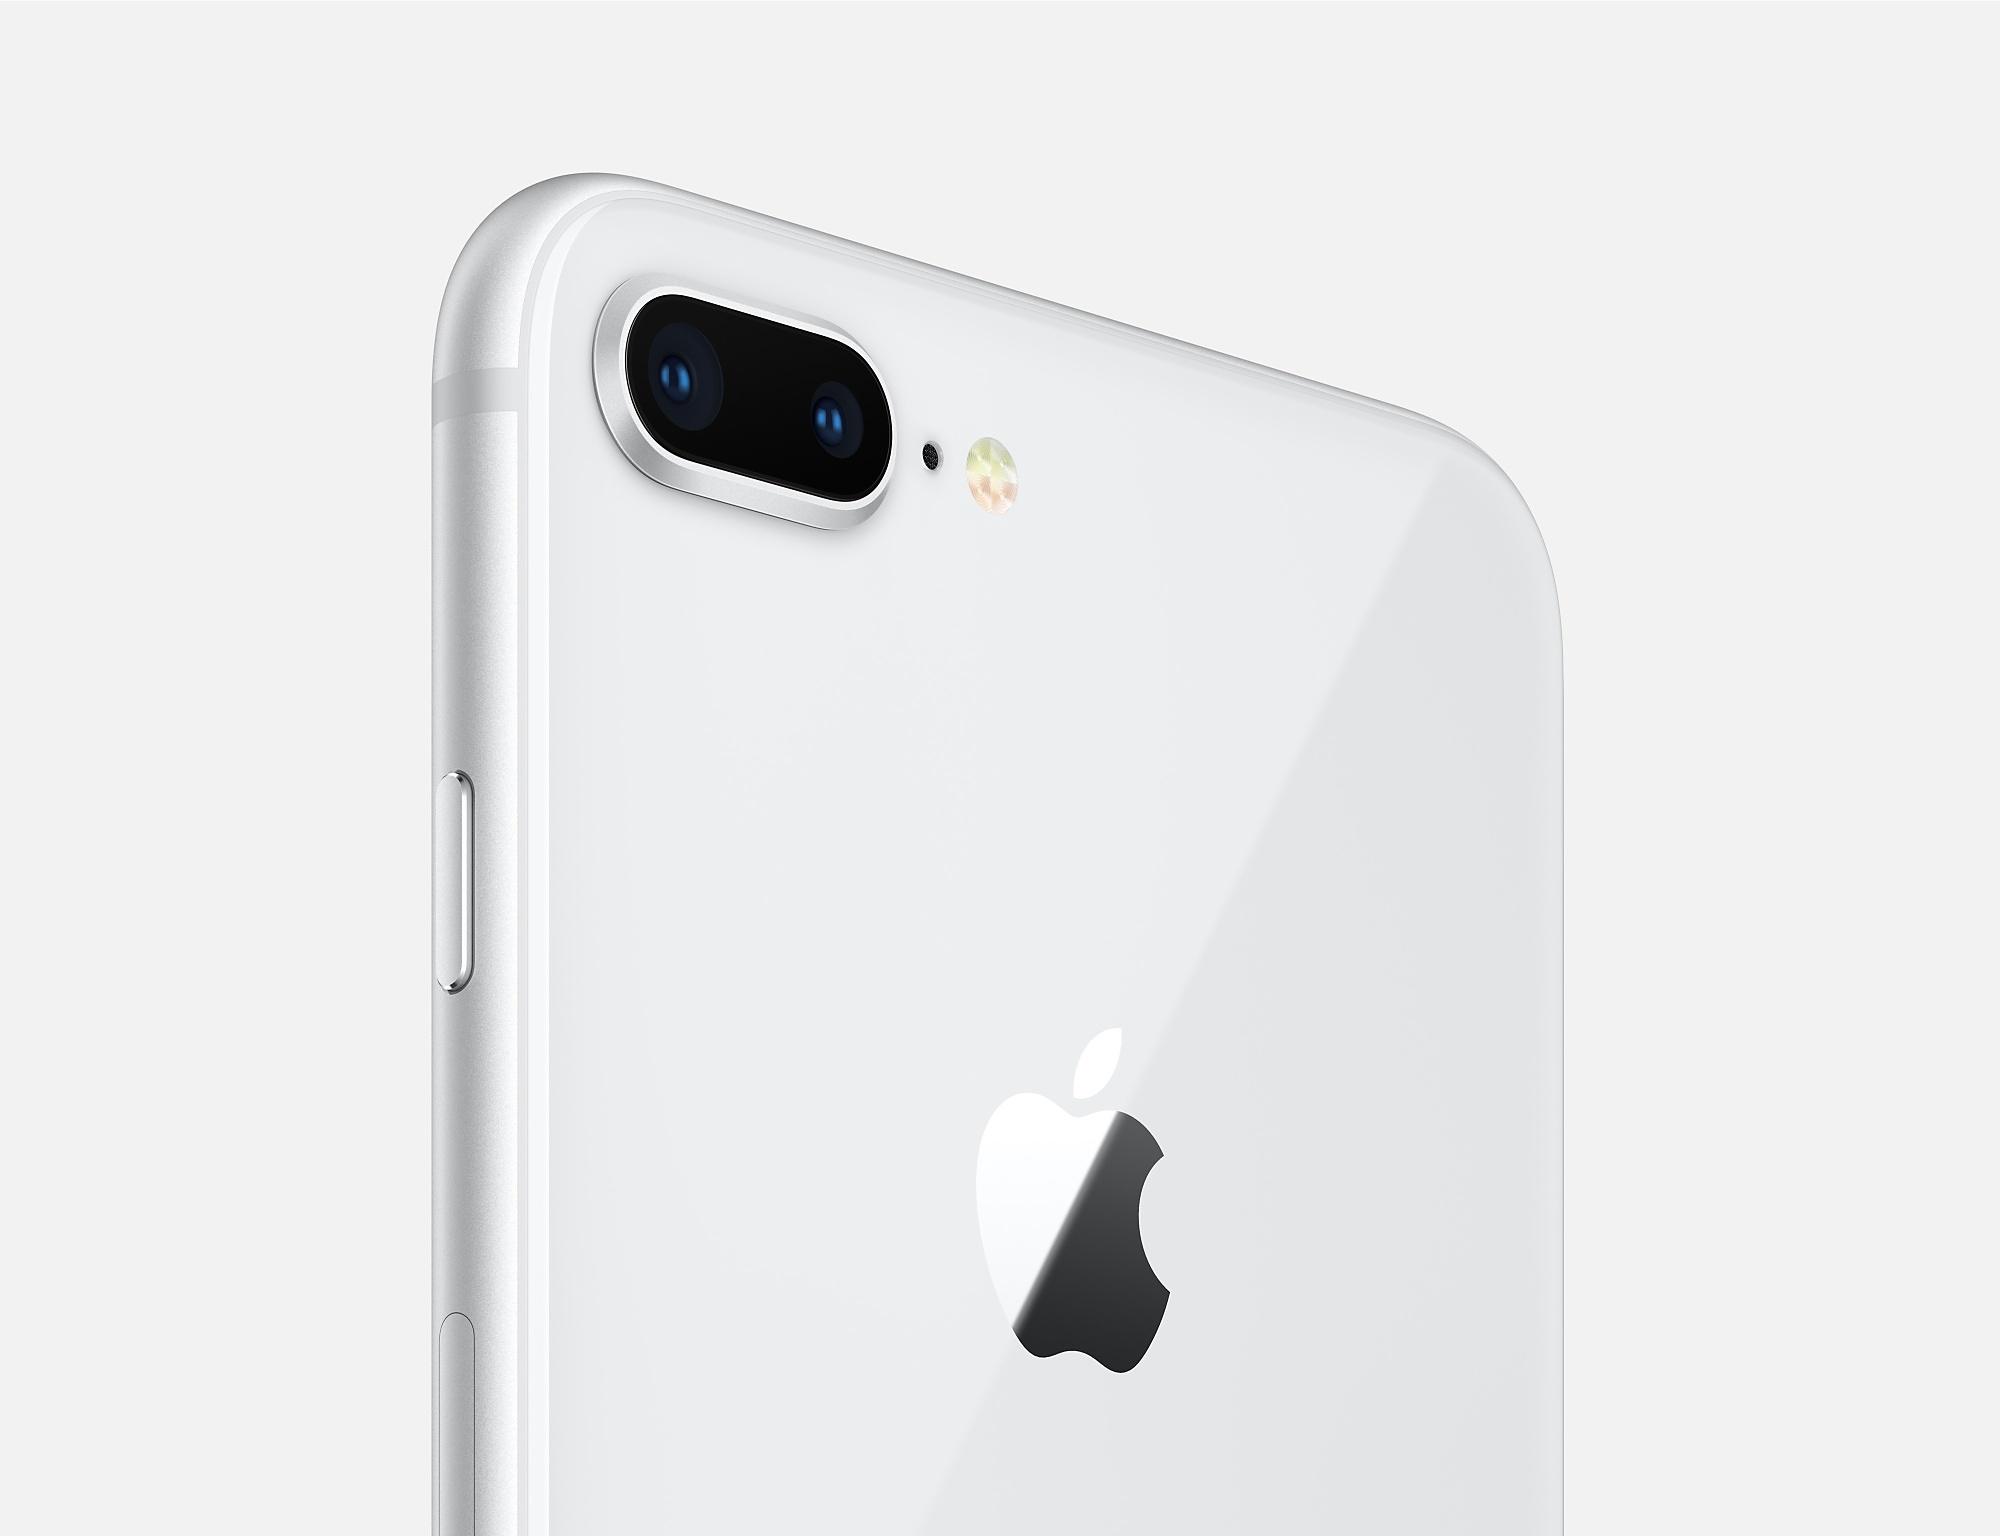 平板中心苹果手机手机新闻两款手机预购9月15日下午3:01定于开始红警版手机图片